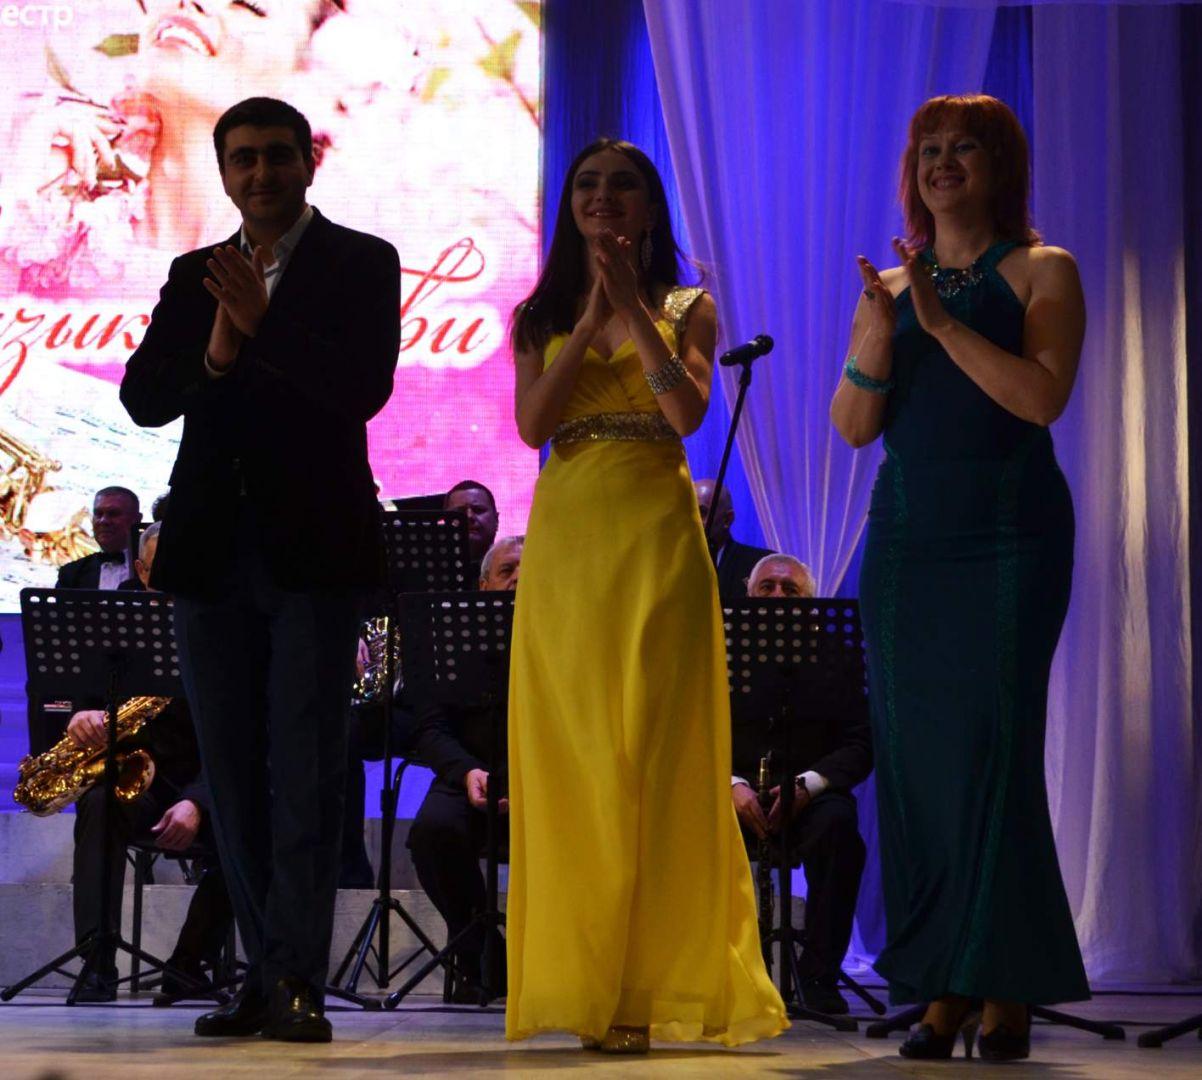 Ставропольцам представили новую концертную программу «Музыка любви»